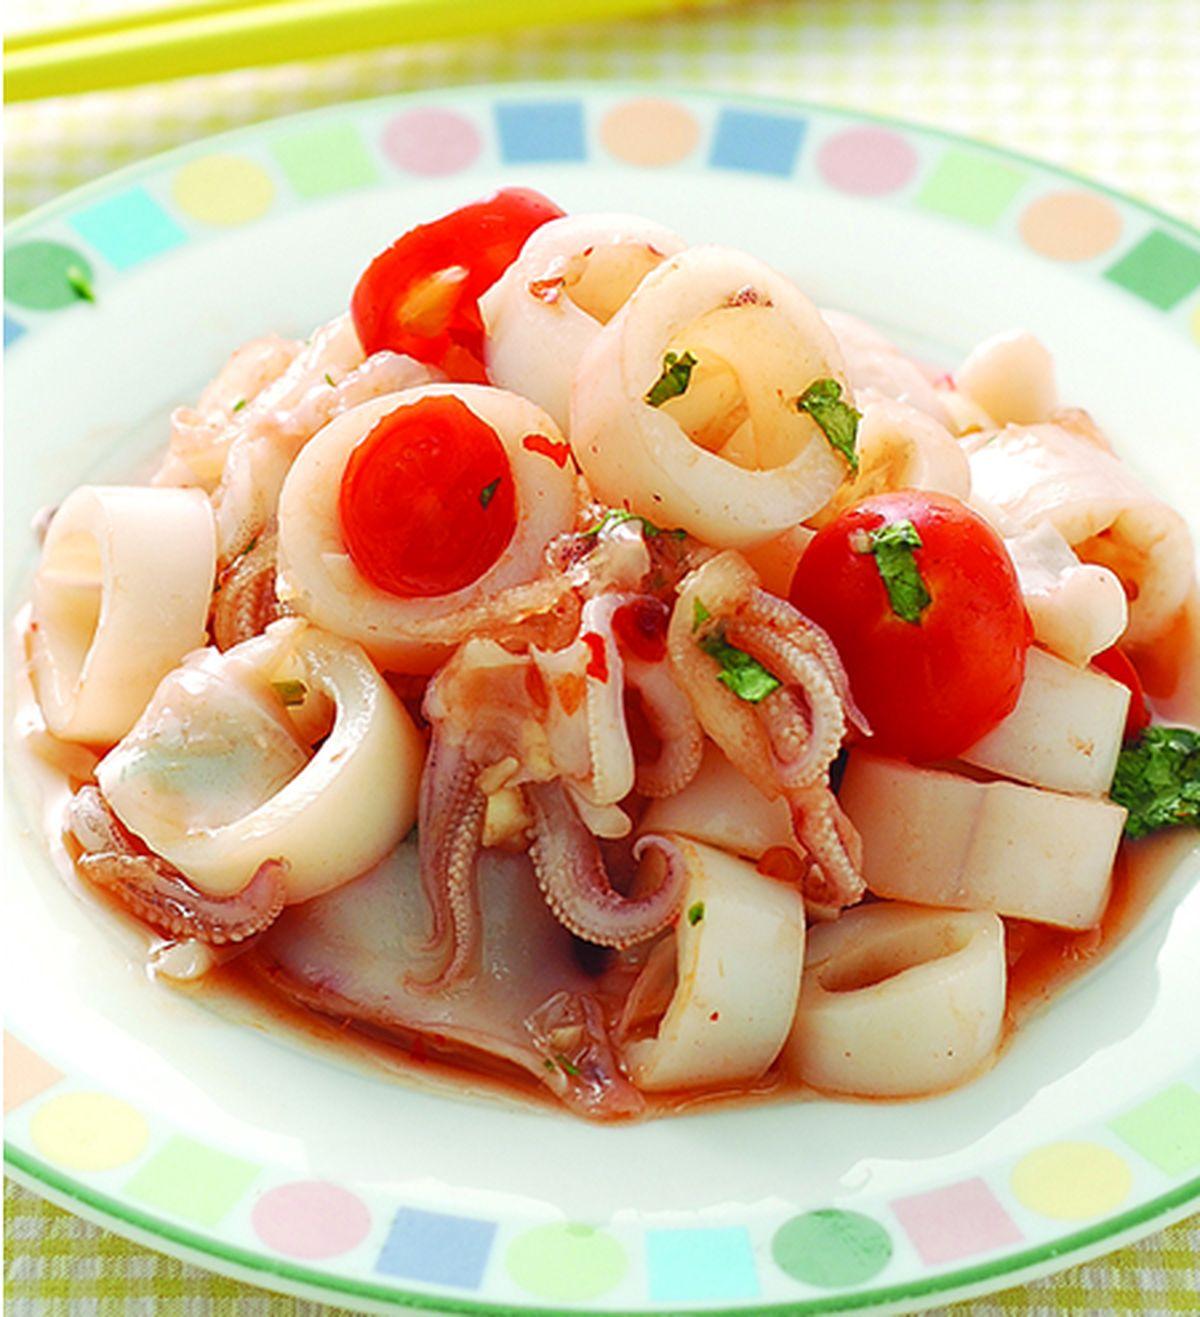 食譜:泰式涼拌小卷